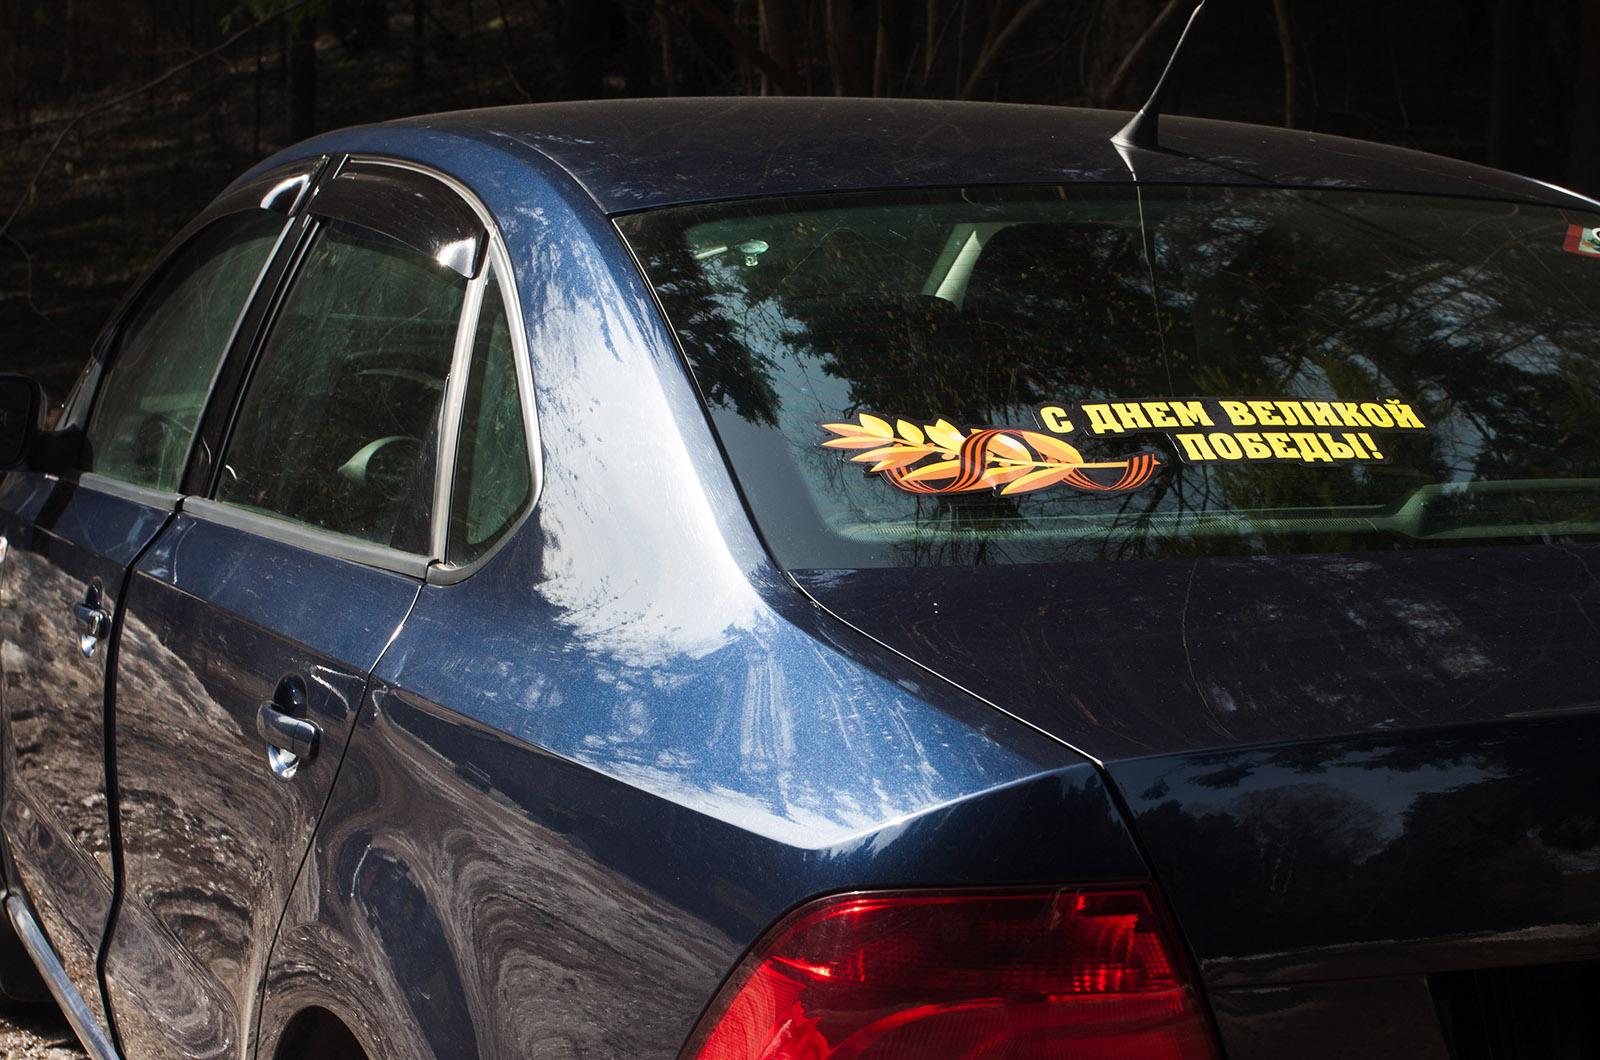 Наклейка к 9 мая на заднем стекле автомобиля